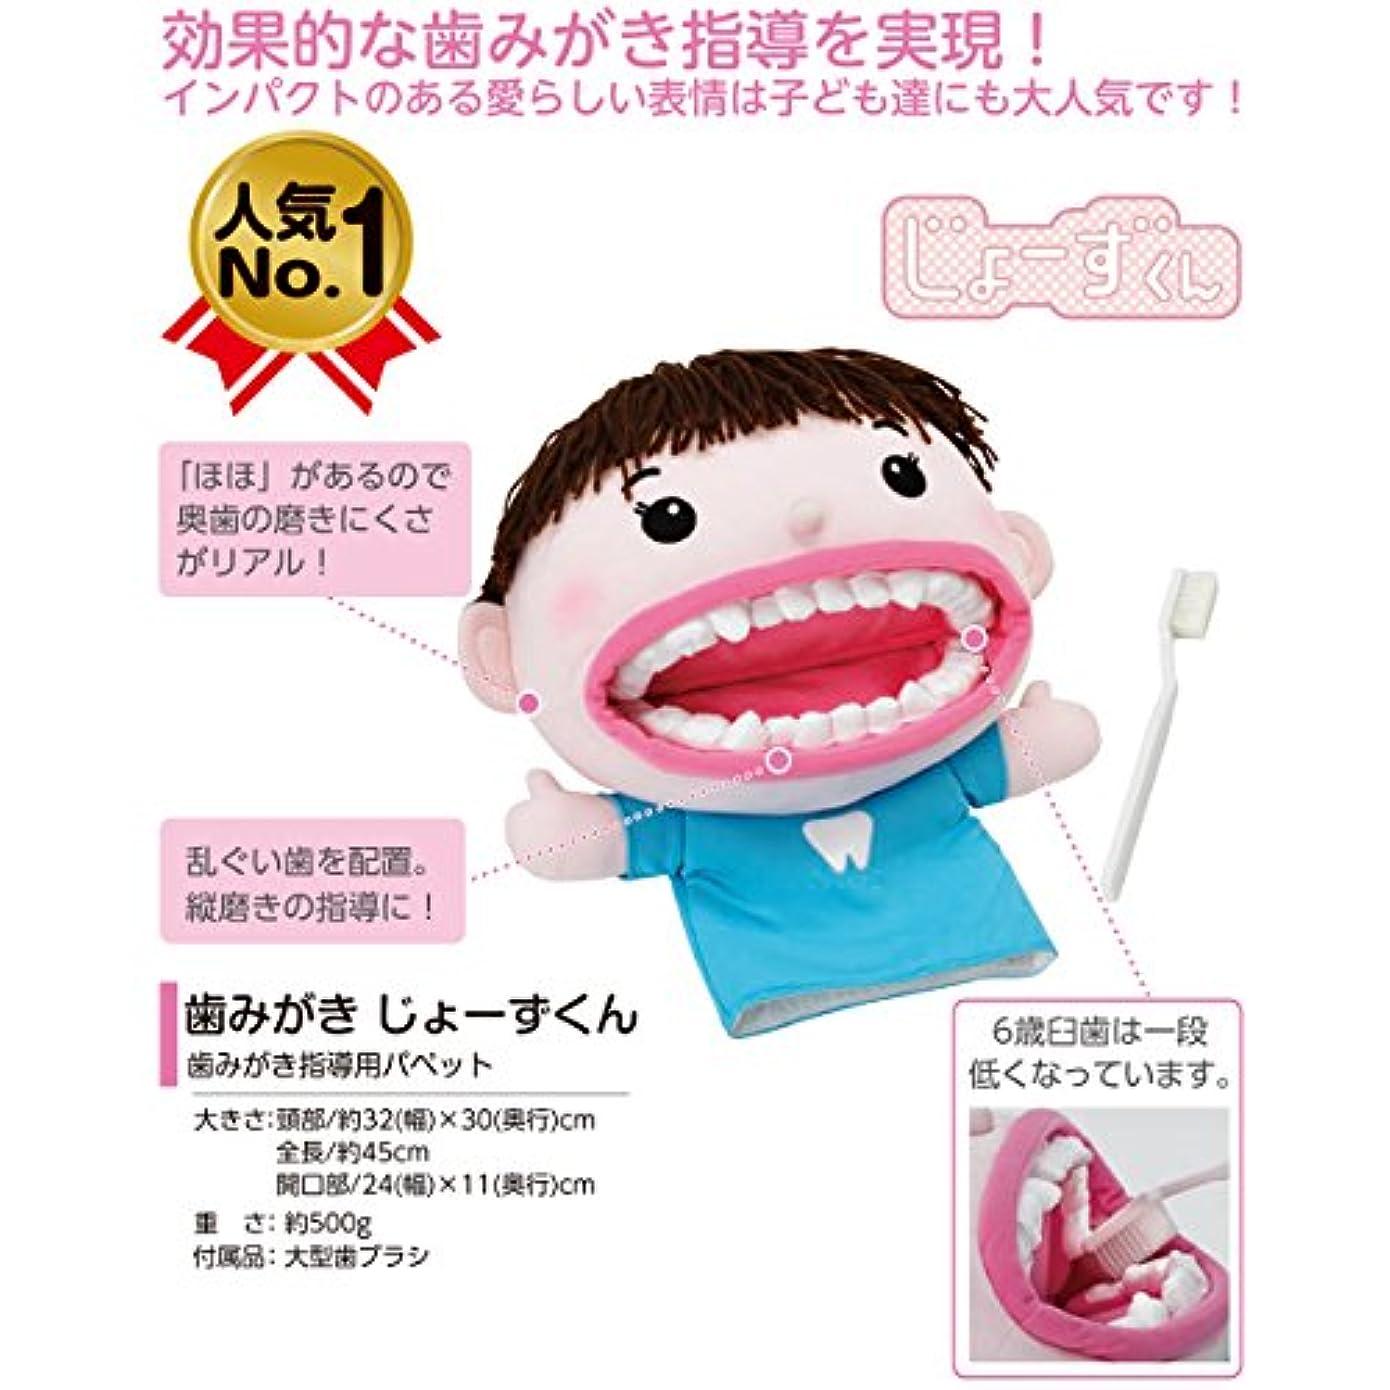 巨大な特徴一歯みがき じょーずくん 歯磨き 指導用 教育用 パペット 人形 ぬいぐるみ